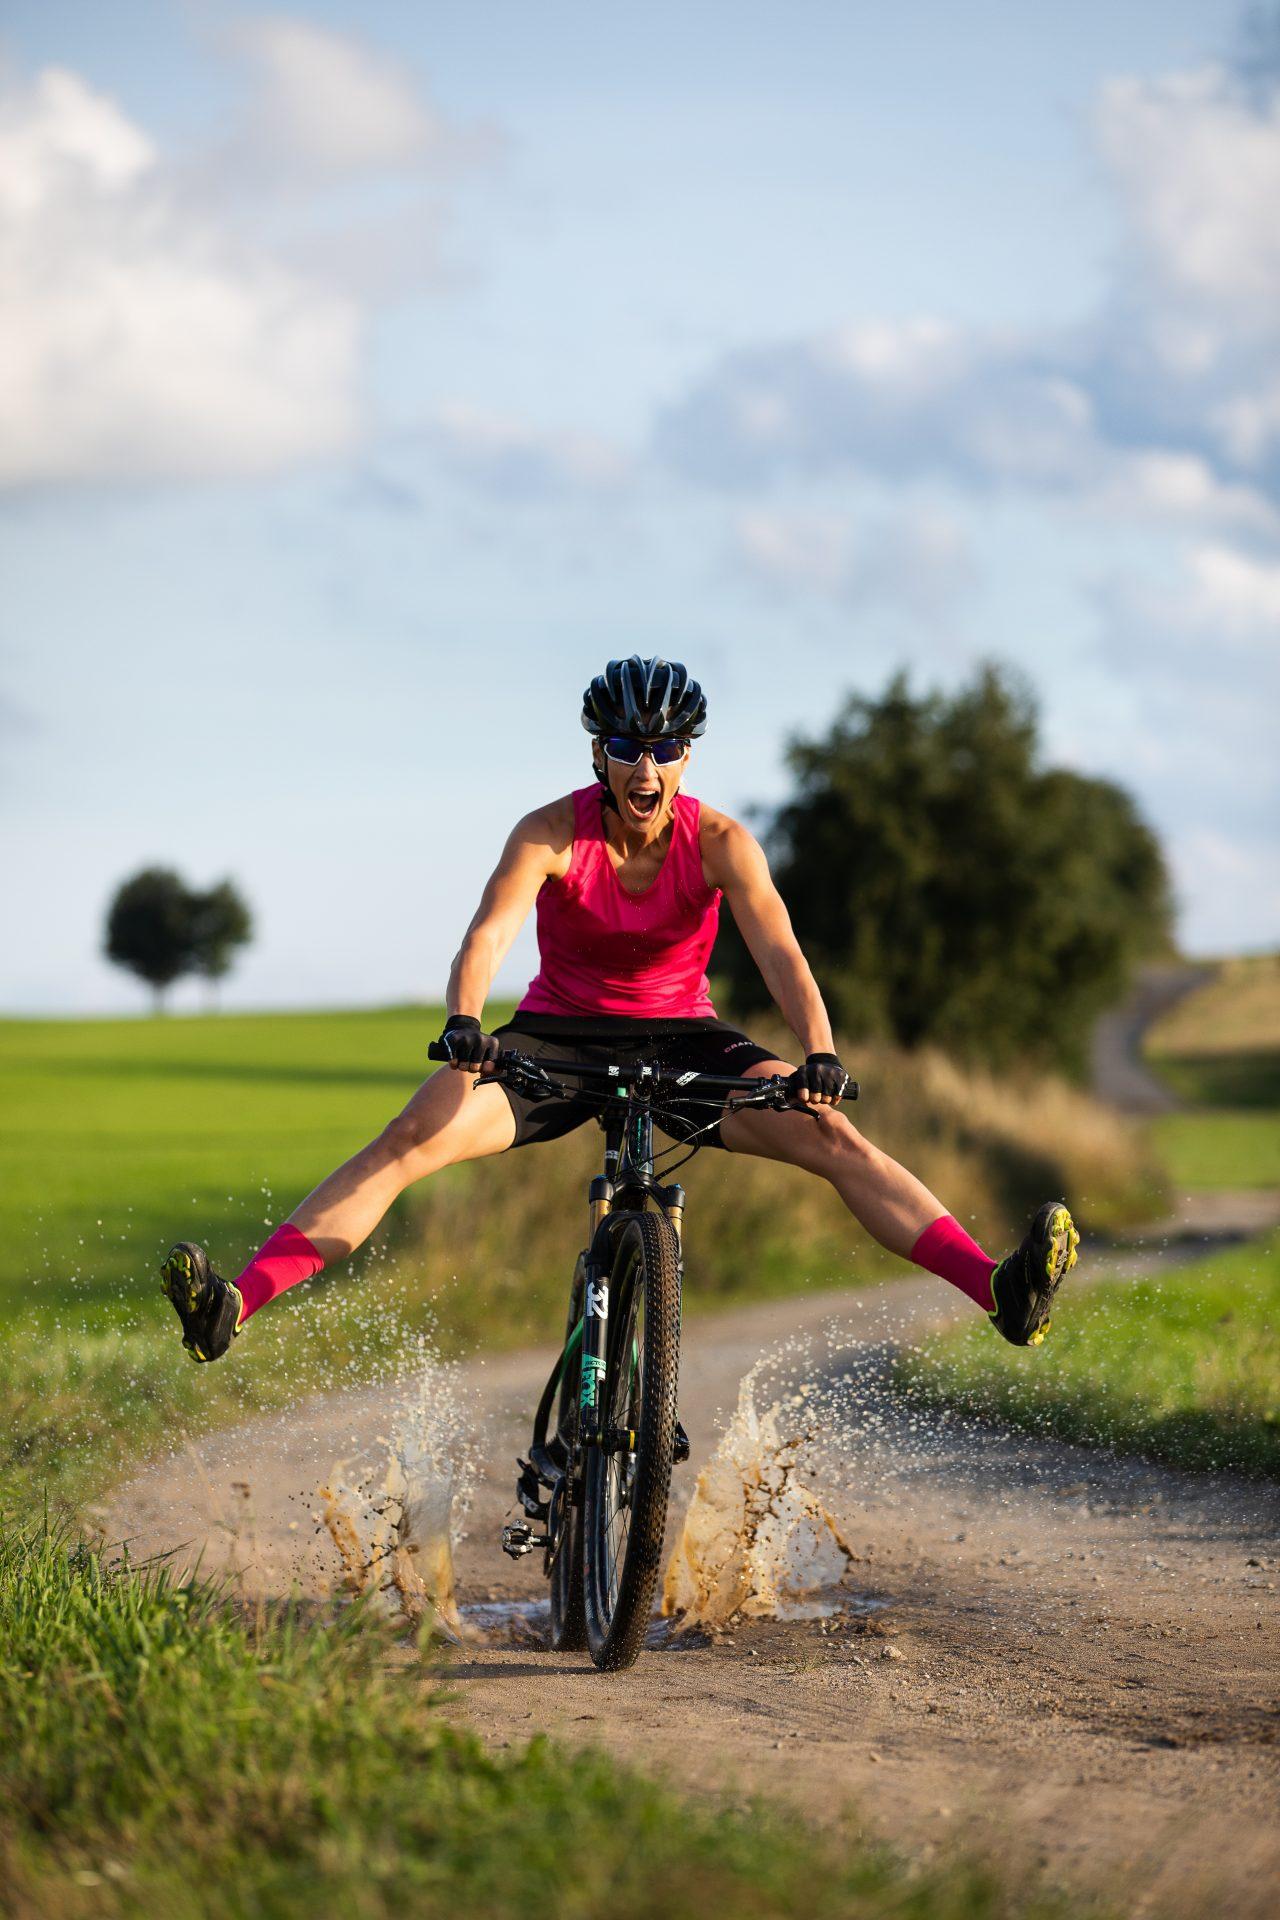 Součástí cyklosukně jsou většinou i boxerky. Foto: craft